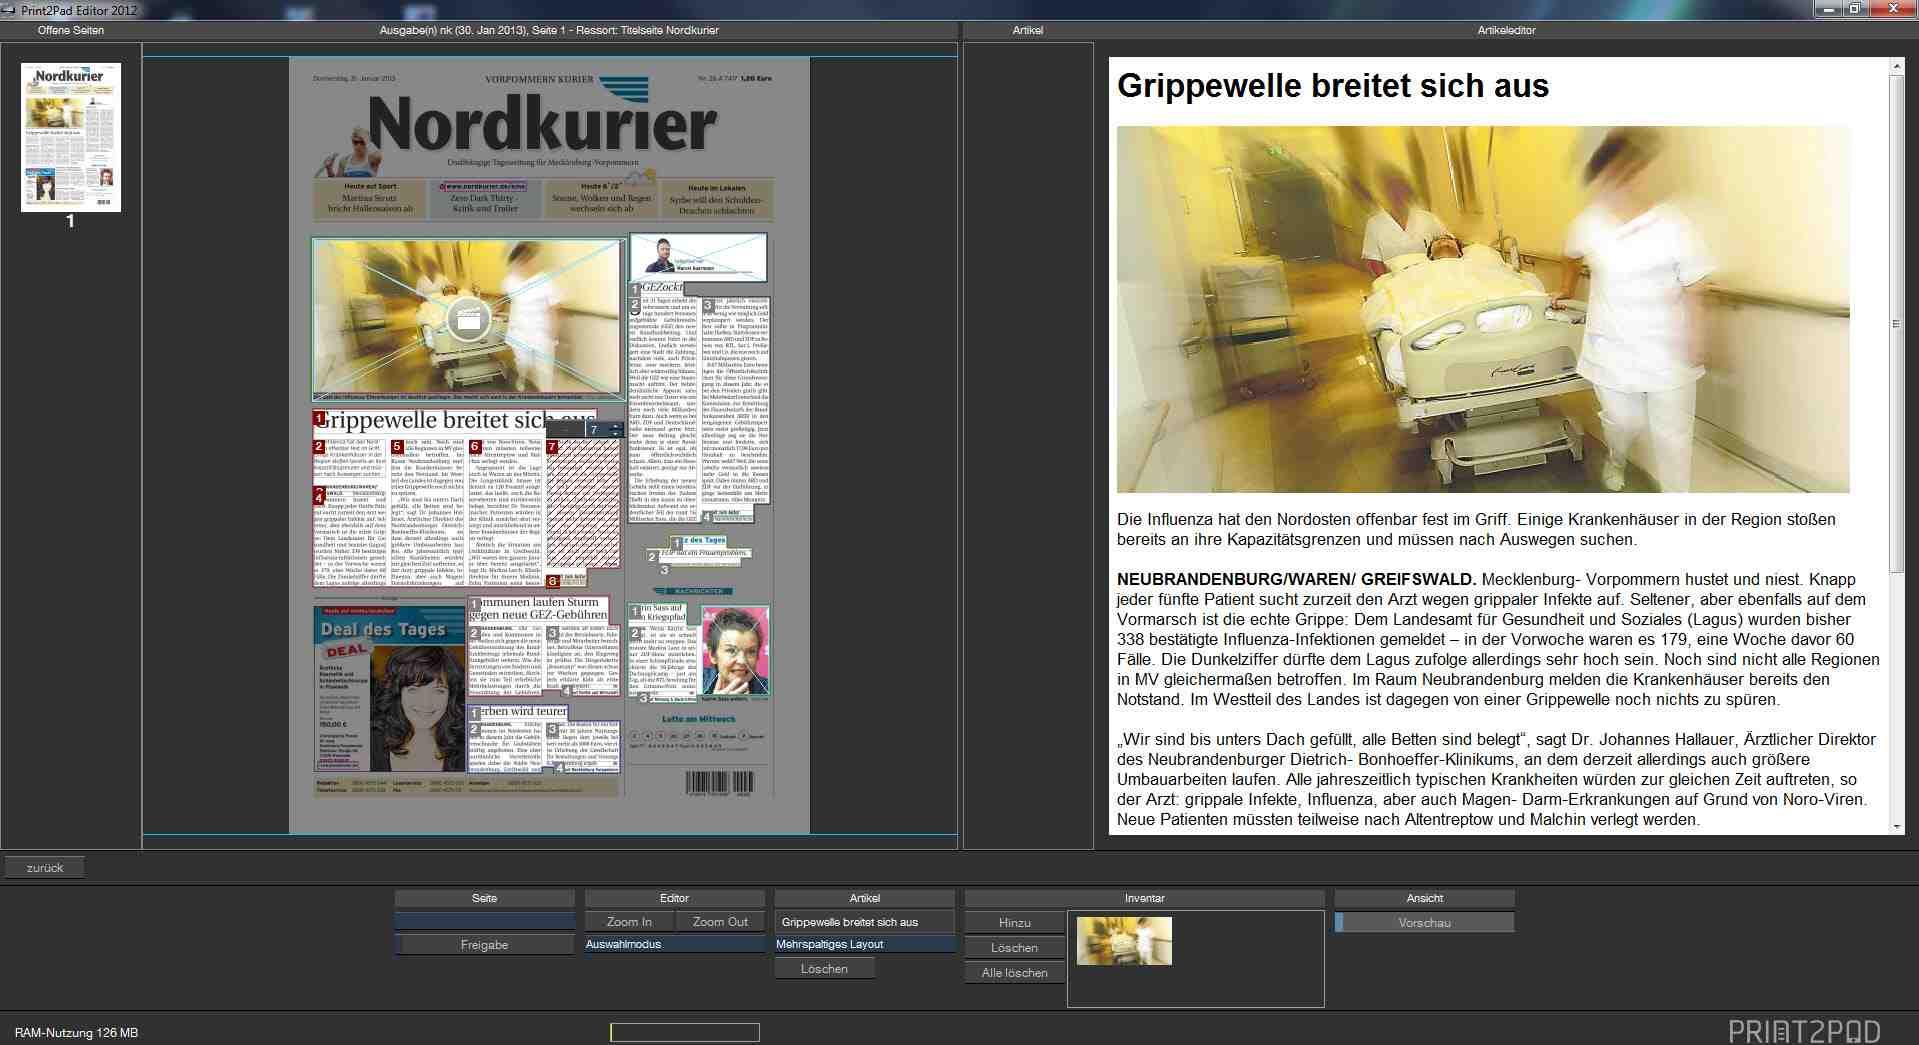 Print2Pad Editor Ansicht Seitenbearbeitung mit Artikelansicht